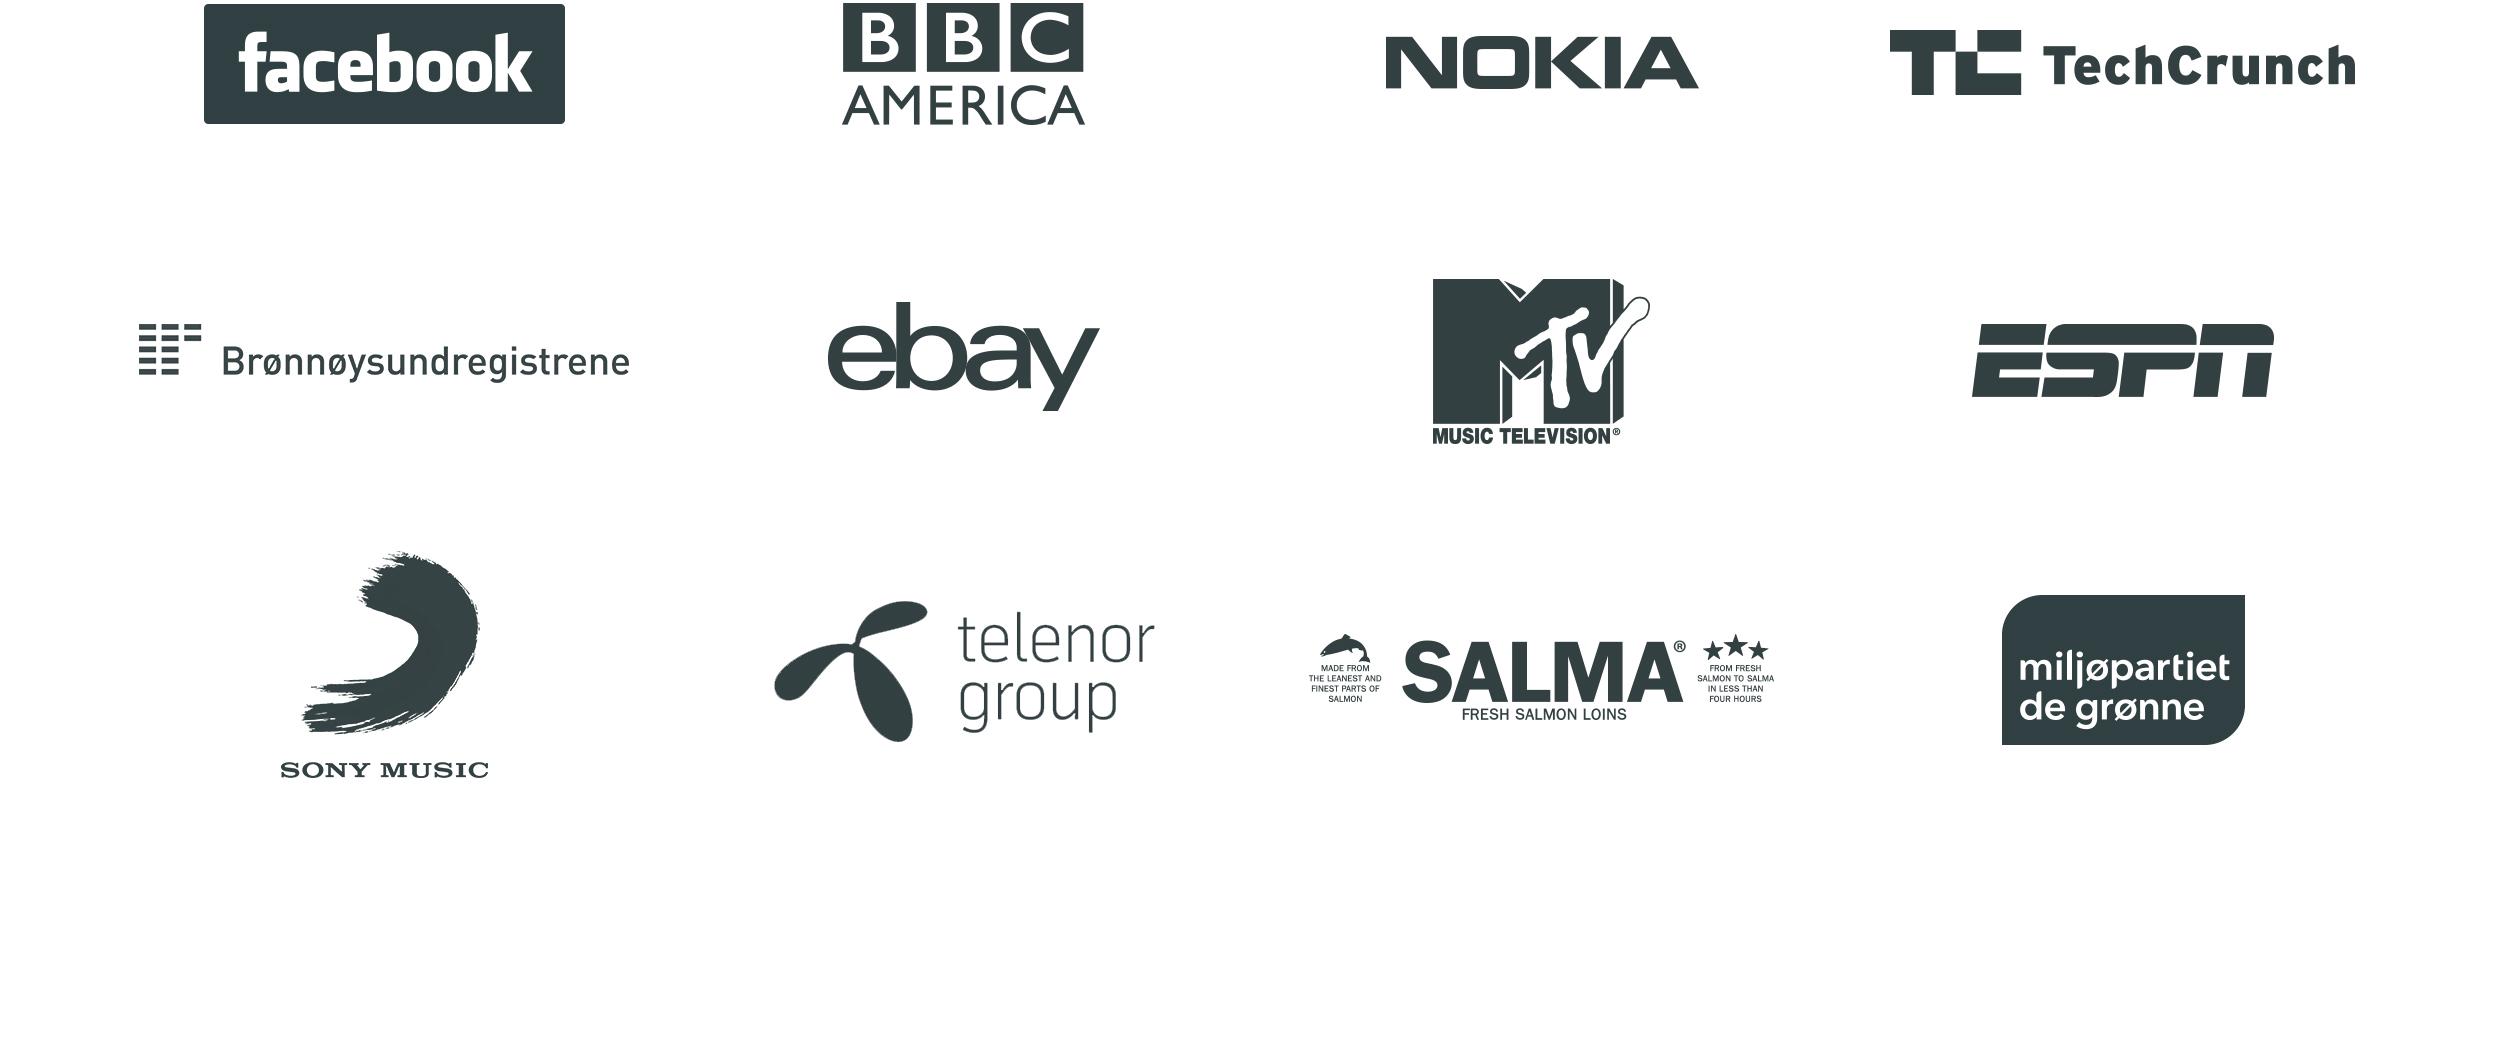 Logoer til selskaper som bruker wordpress. Facebook, BBC, Nokia, Techcrunch, Brønnøysundregistrene, e-bay, MTV, ESPN, Sony Music, Telenor group, Salma, Miljøpartiet de grønne